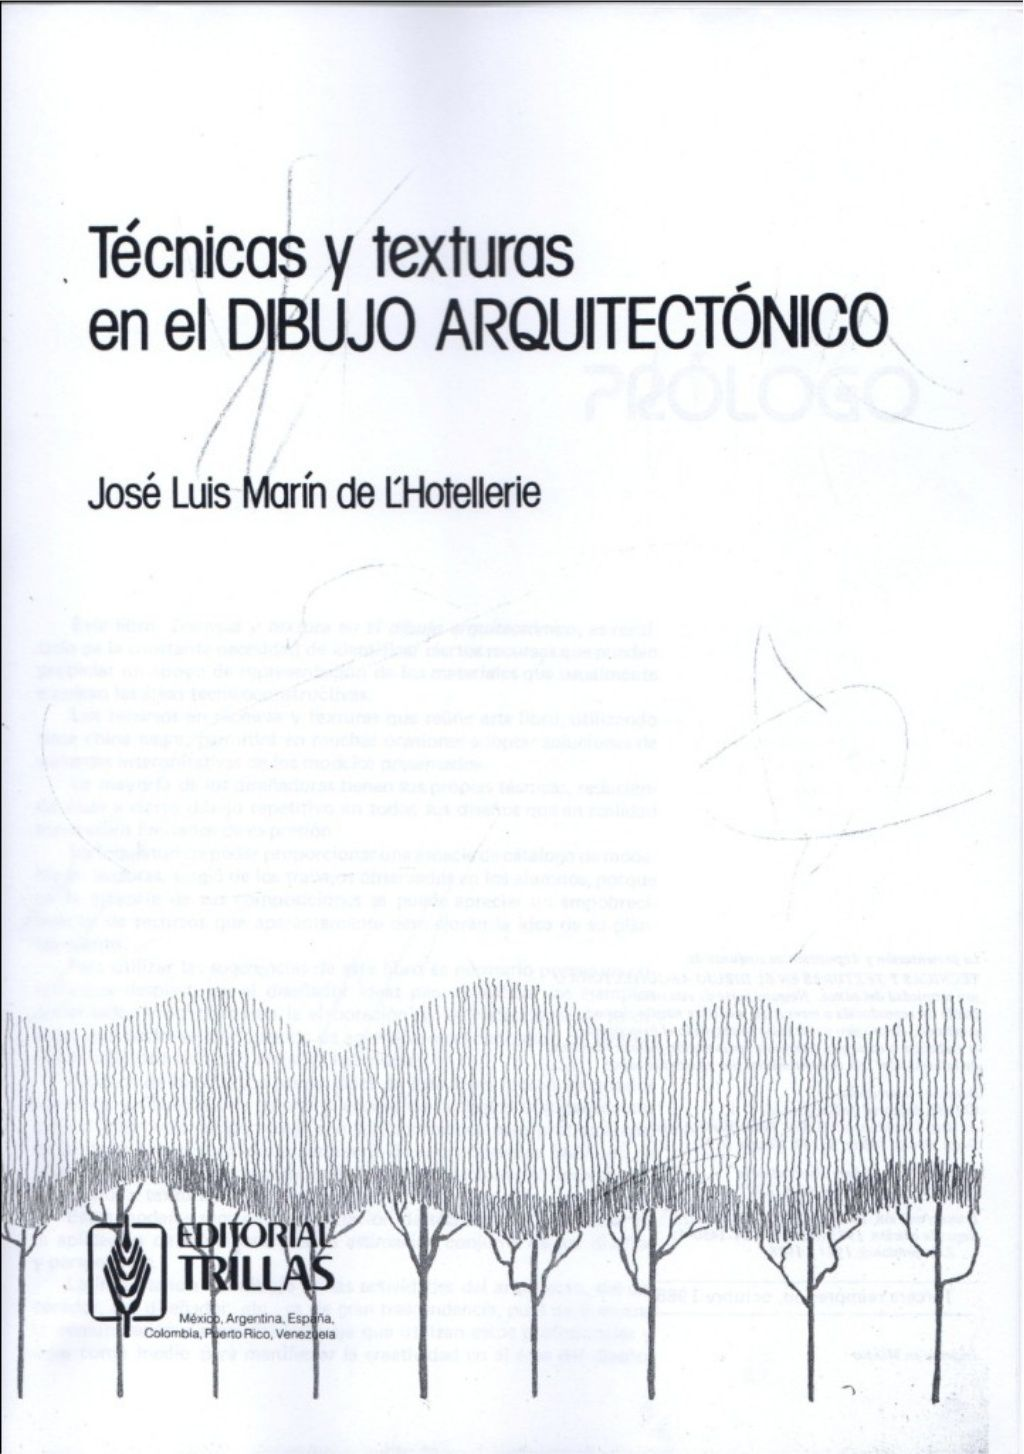 Tecnicas Y Texturas En Dibujo Arquitectonico Dibujo Arquitectonico Arquitectonico Libro De Dibujo Tecnico